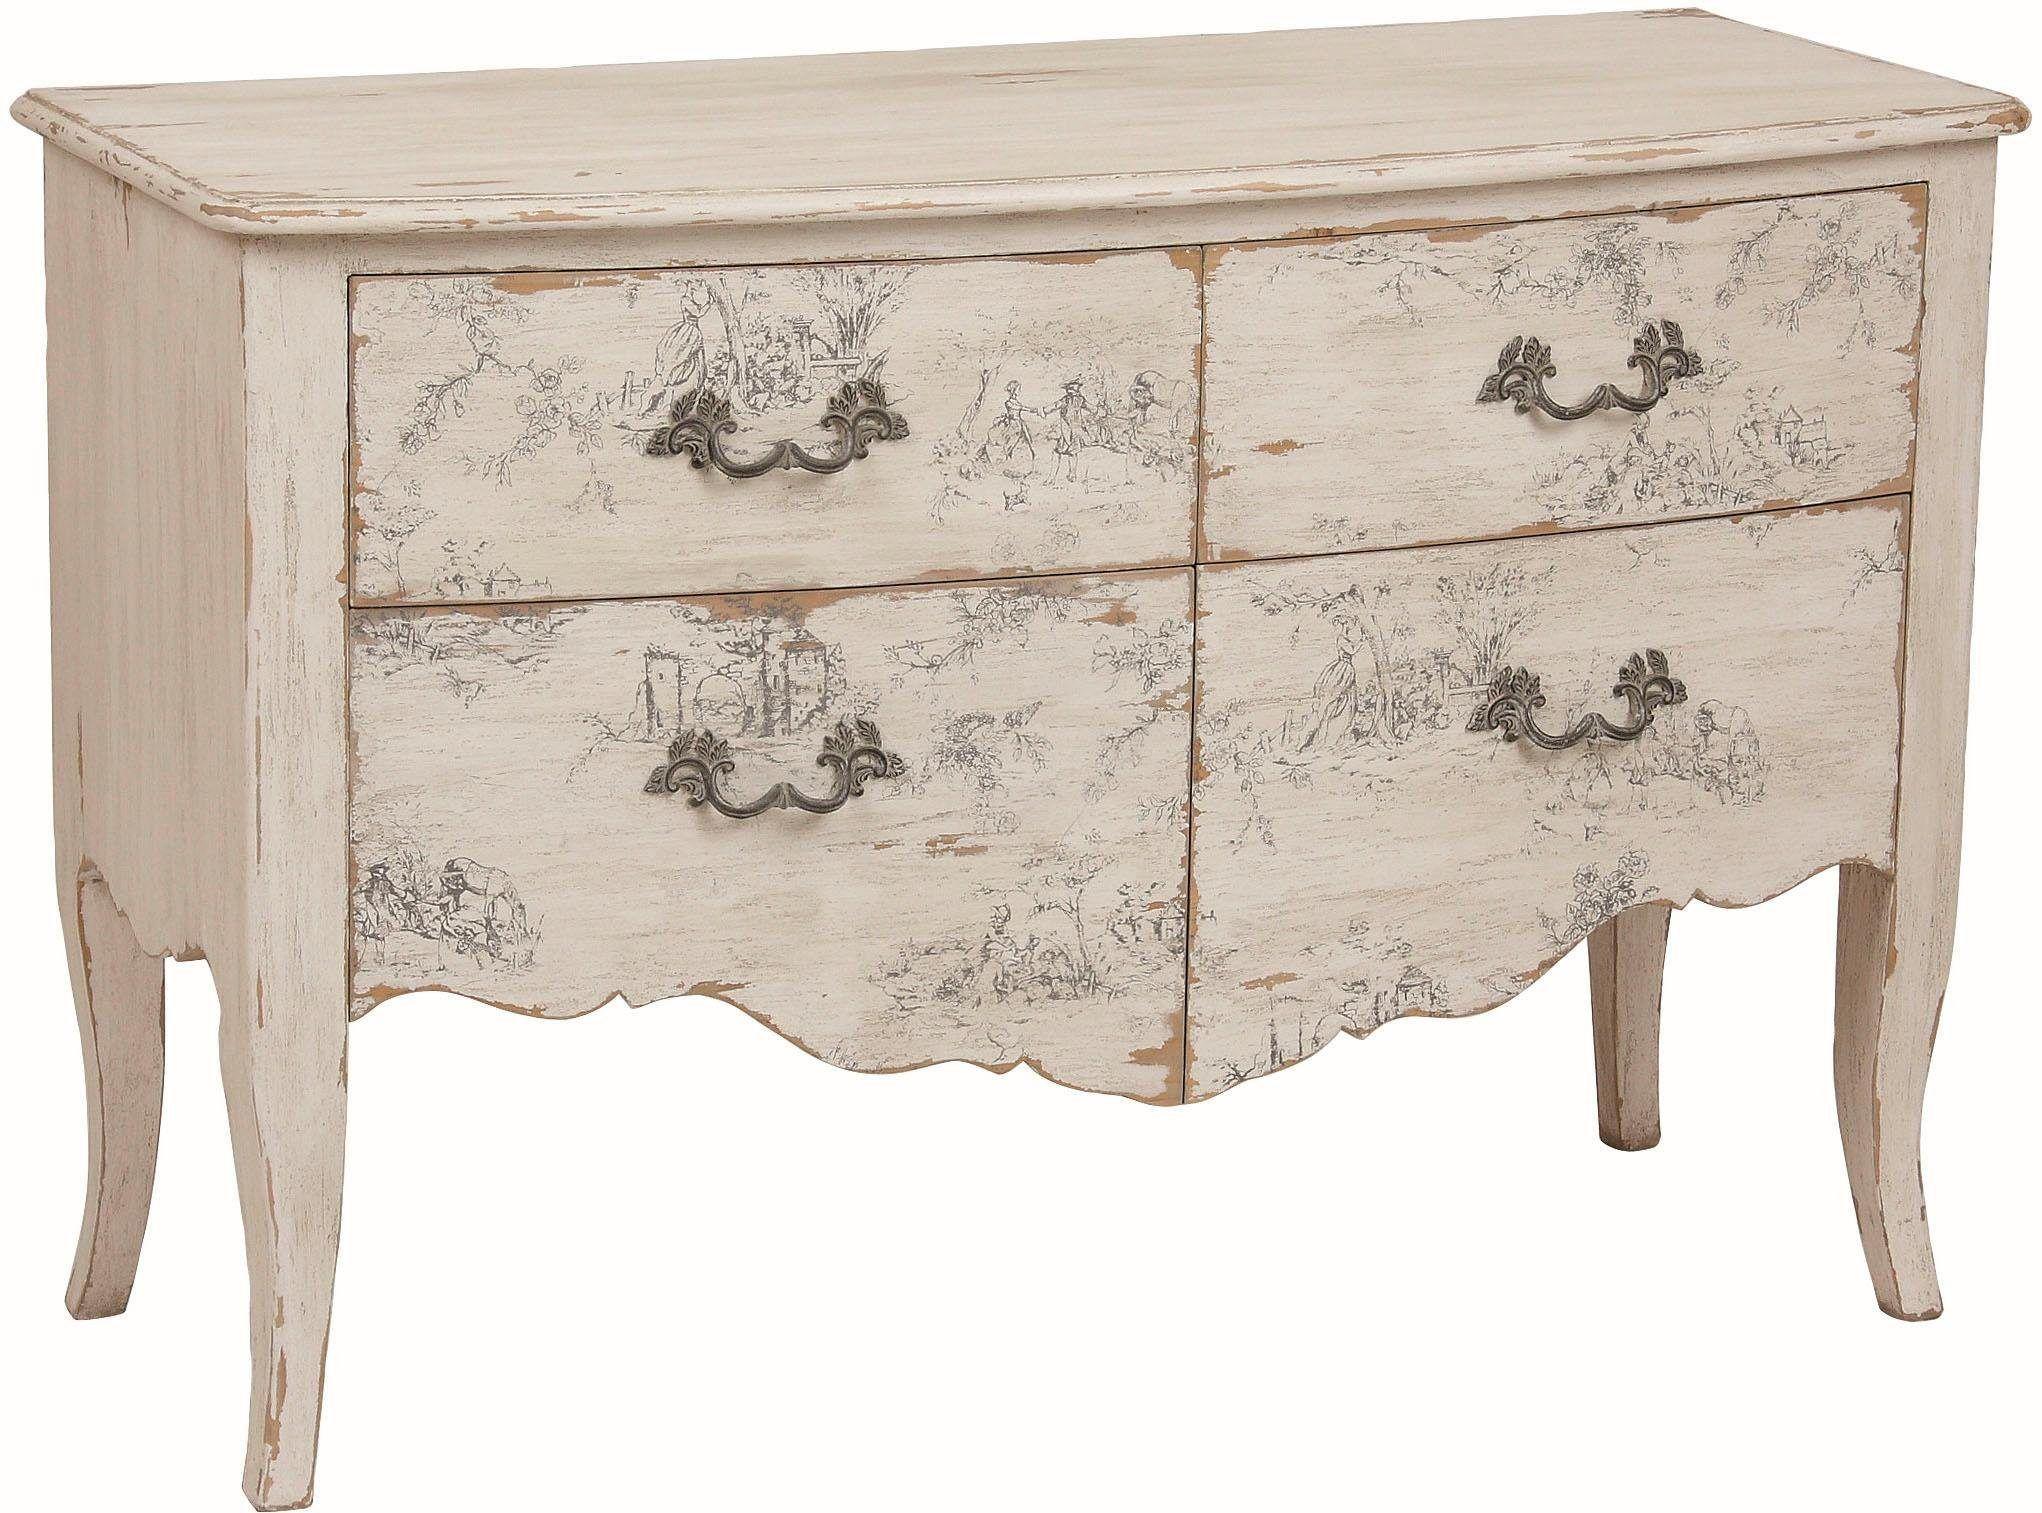 Pin by ladendirekt on Schränke Furniture, Sideboard